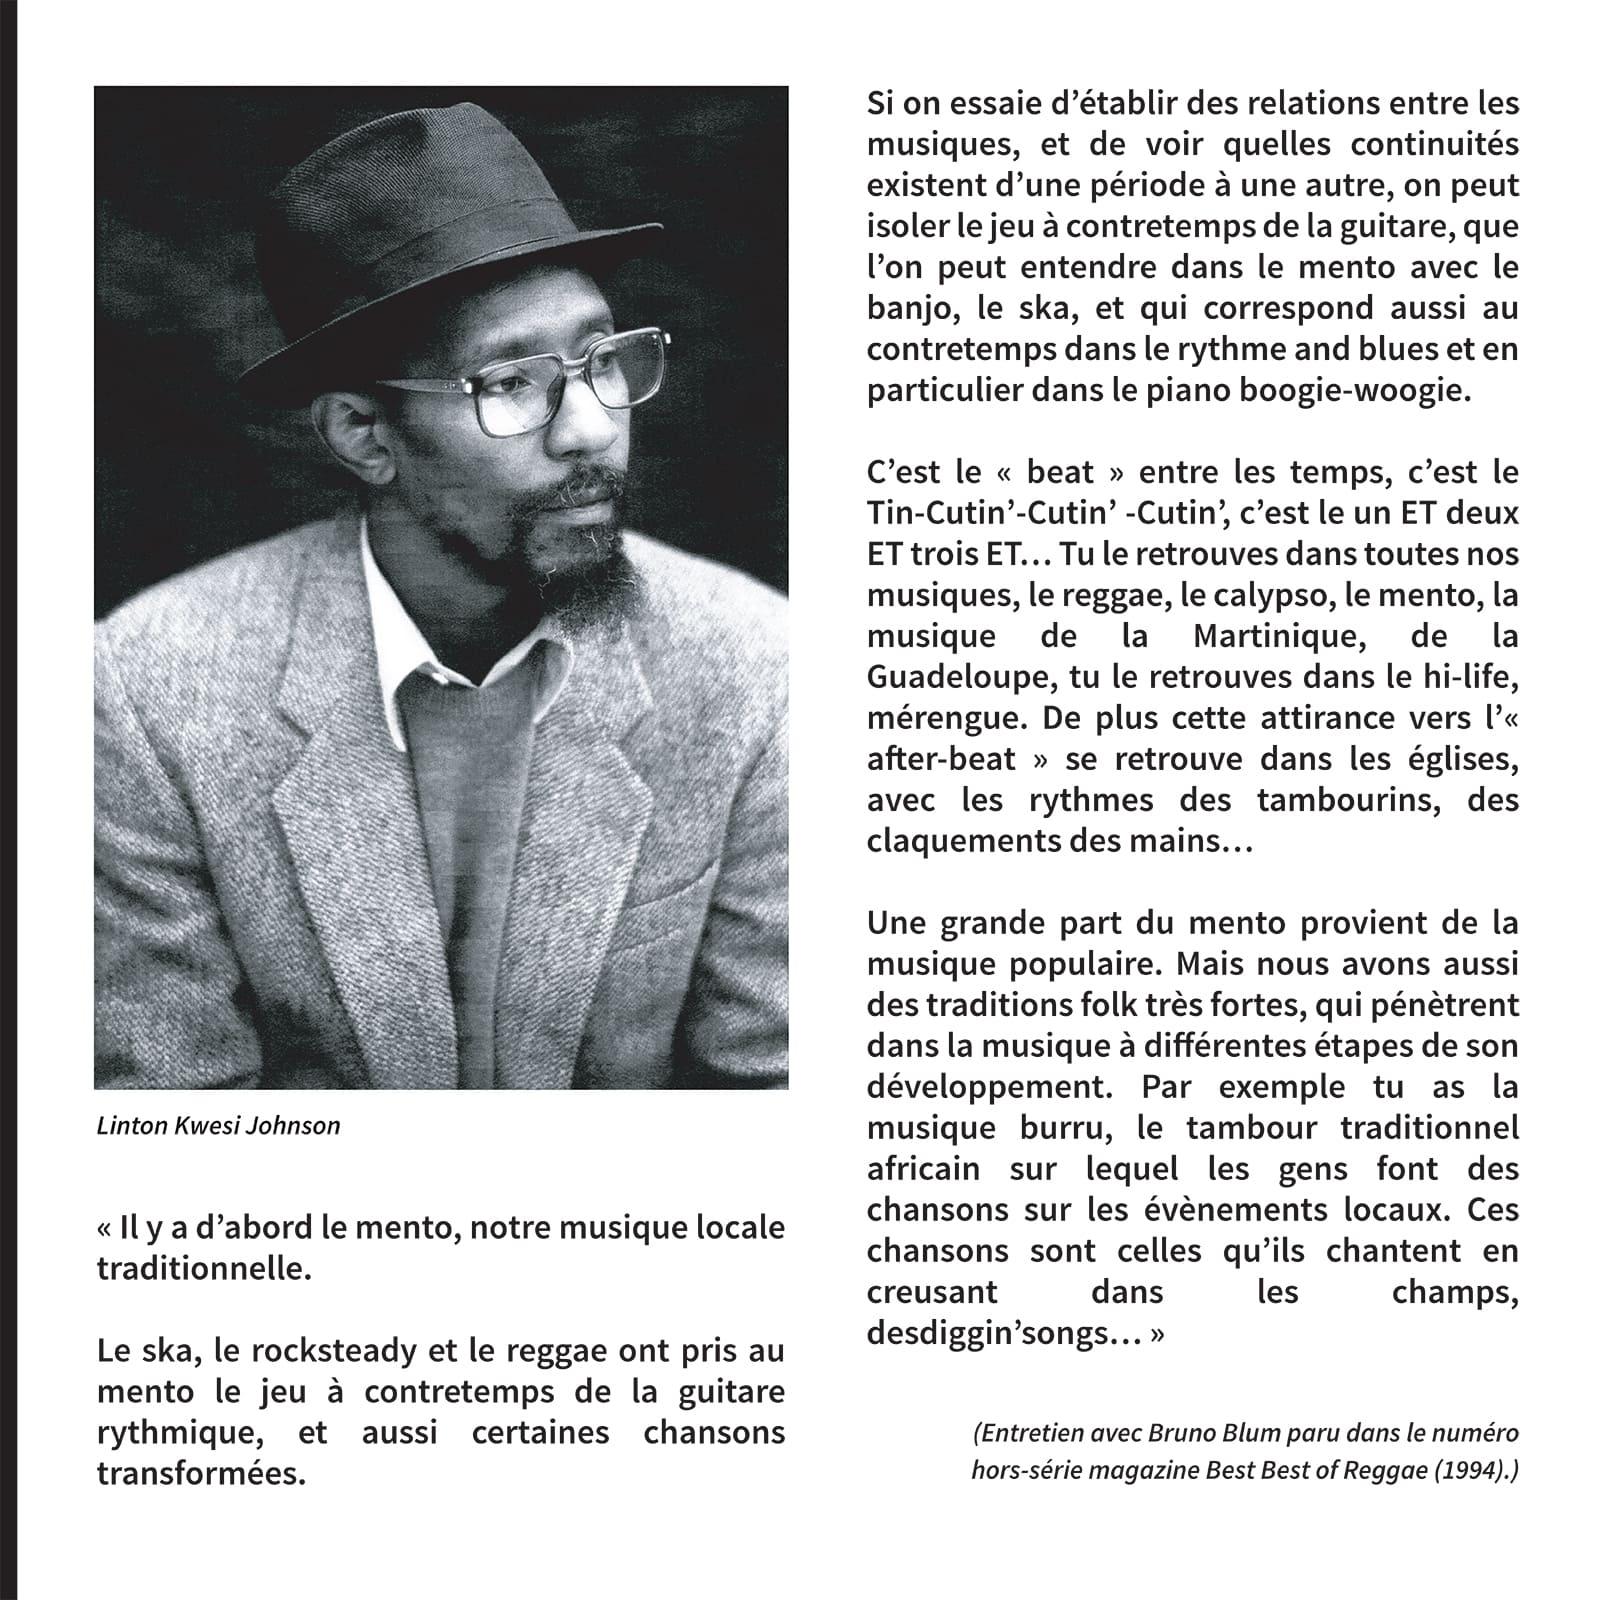 citation sur l'interpretation de la musique reggae